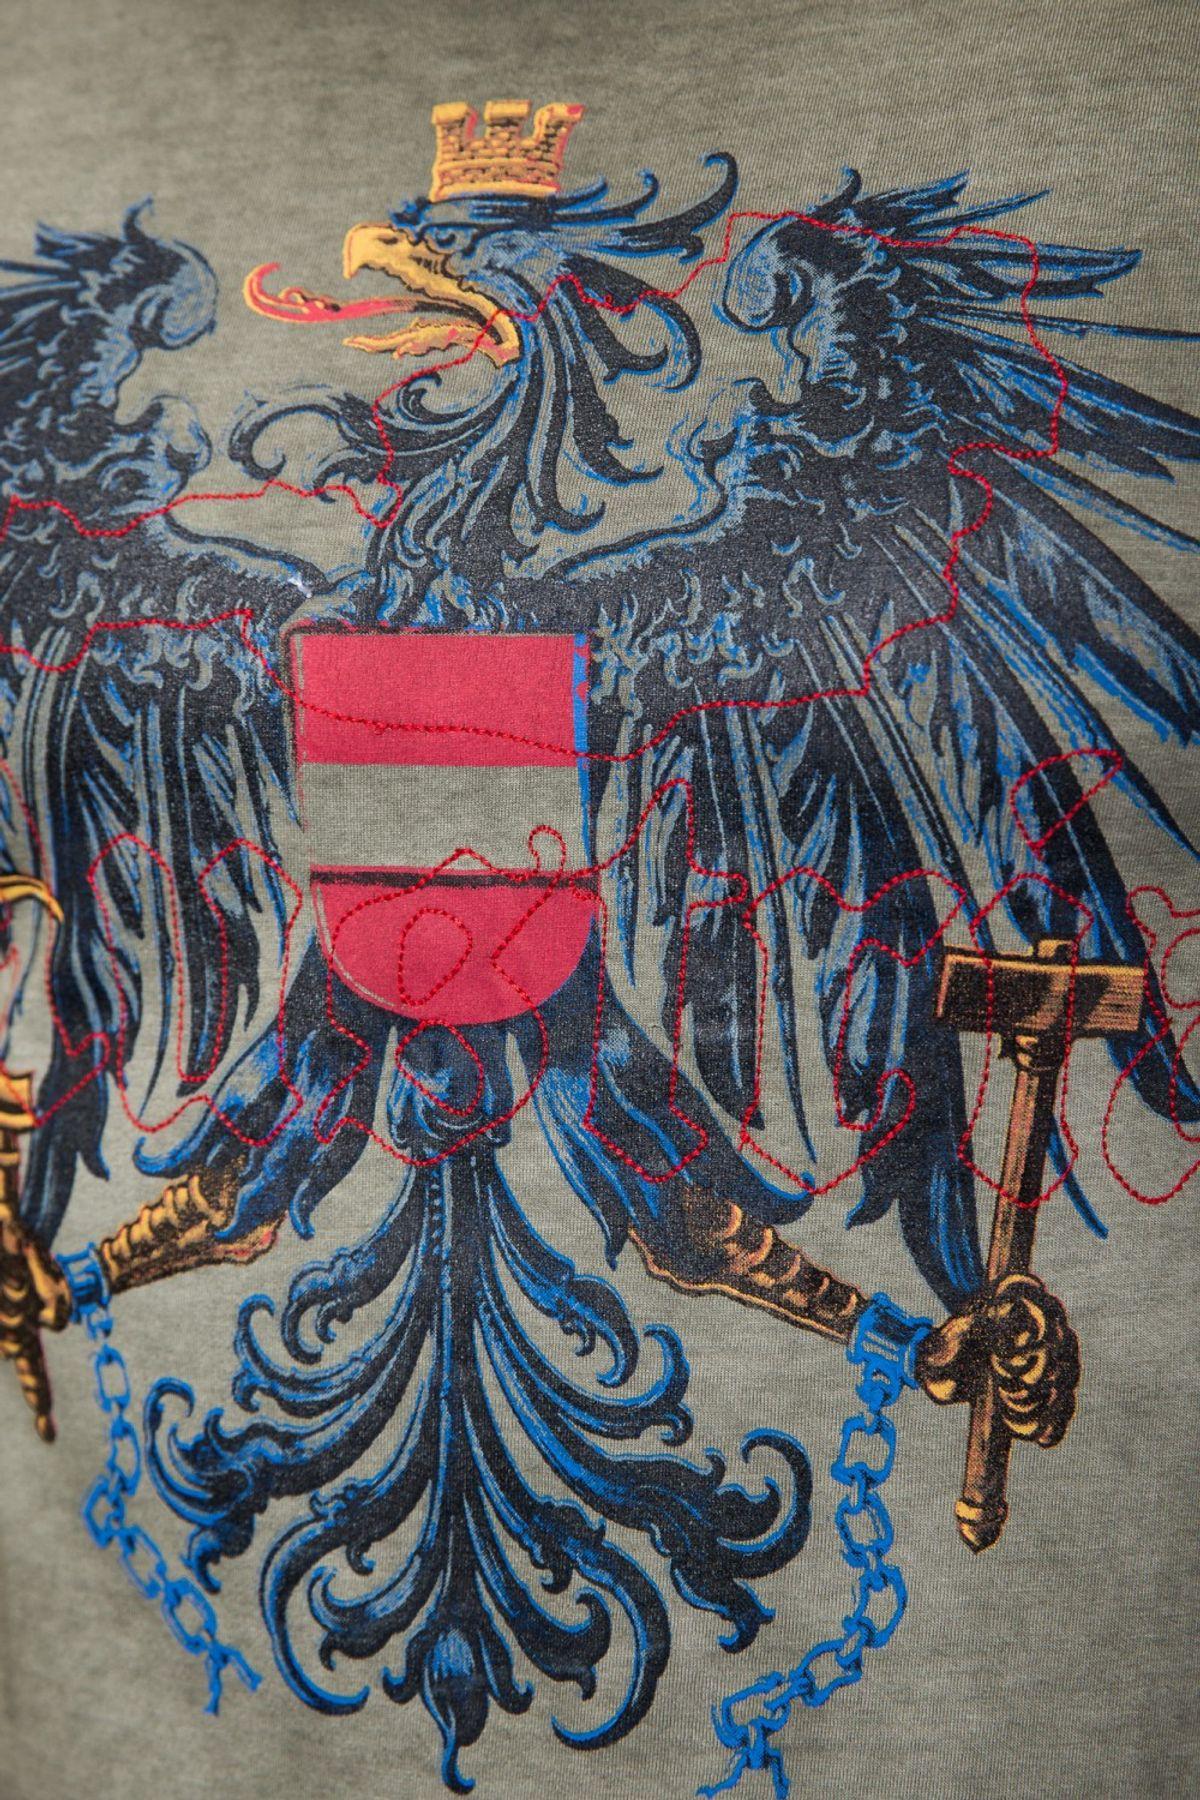 Krüger - Herren Trachten T-Shirt, Österreich  (Artikelnummer: 92213-7) – Bild 4